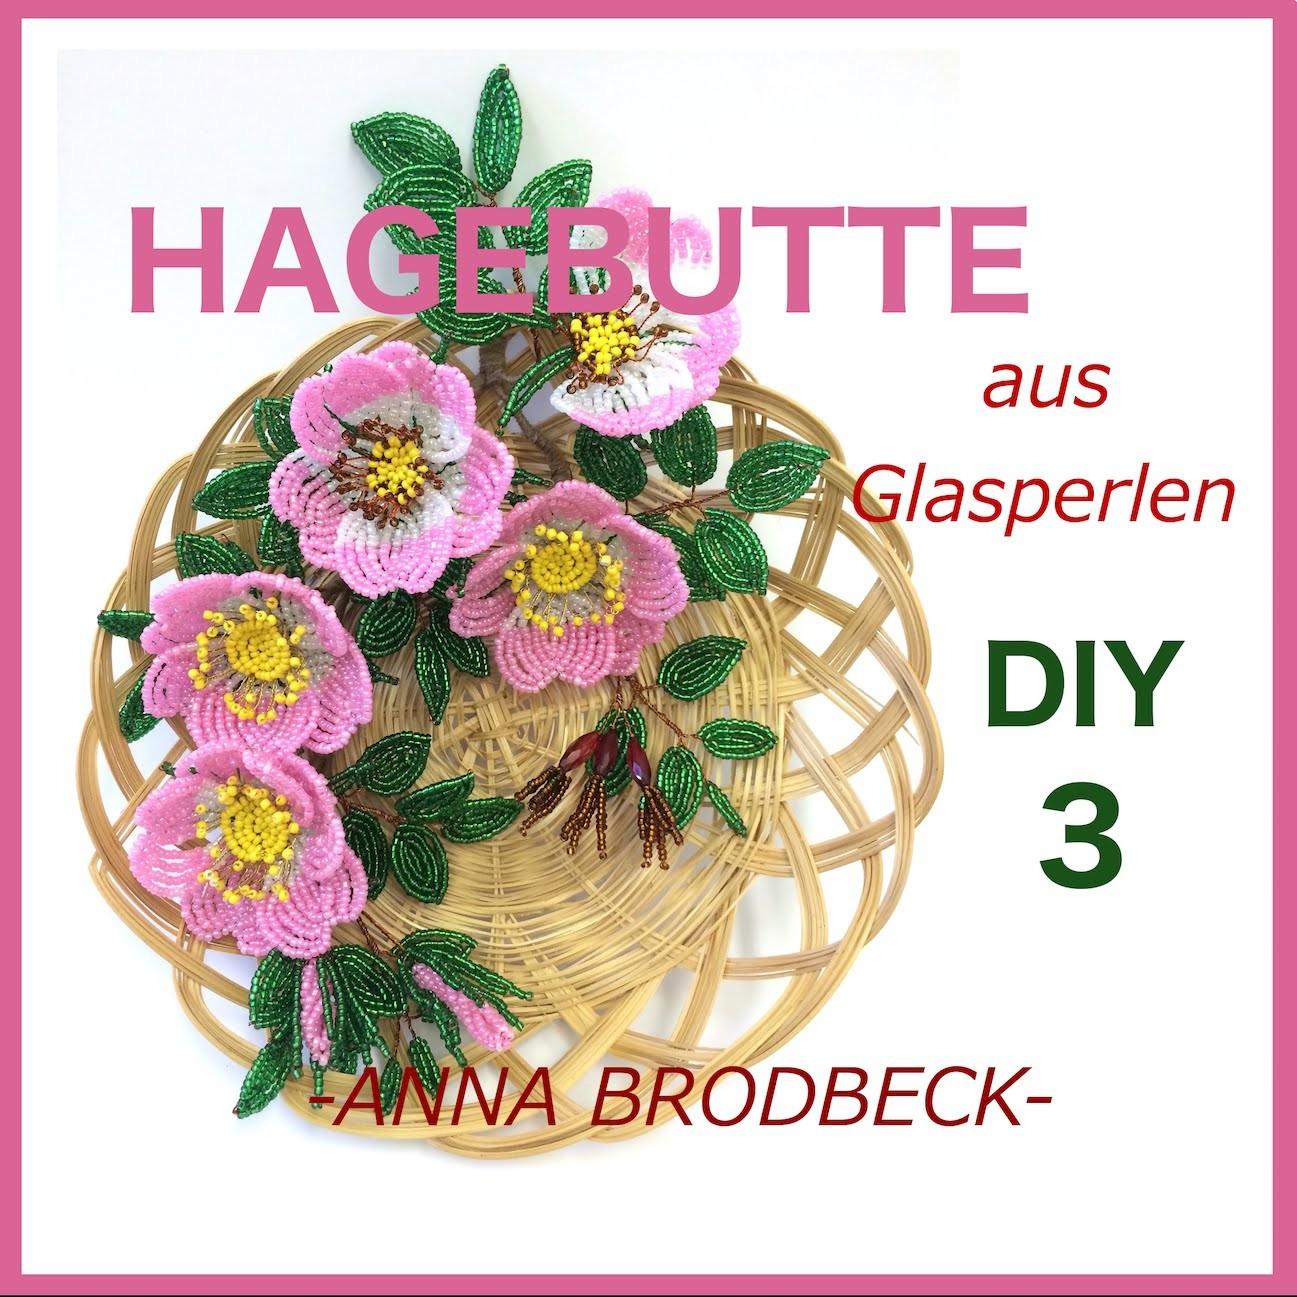 HAGEBUTTE aus Perlen. Annonce DIY (DVD3)